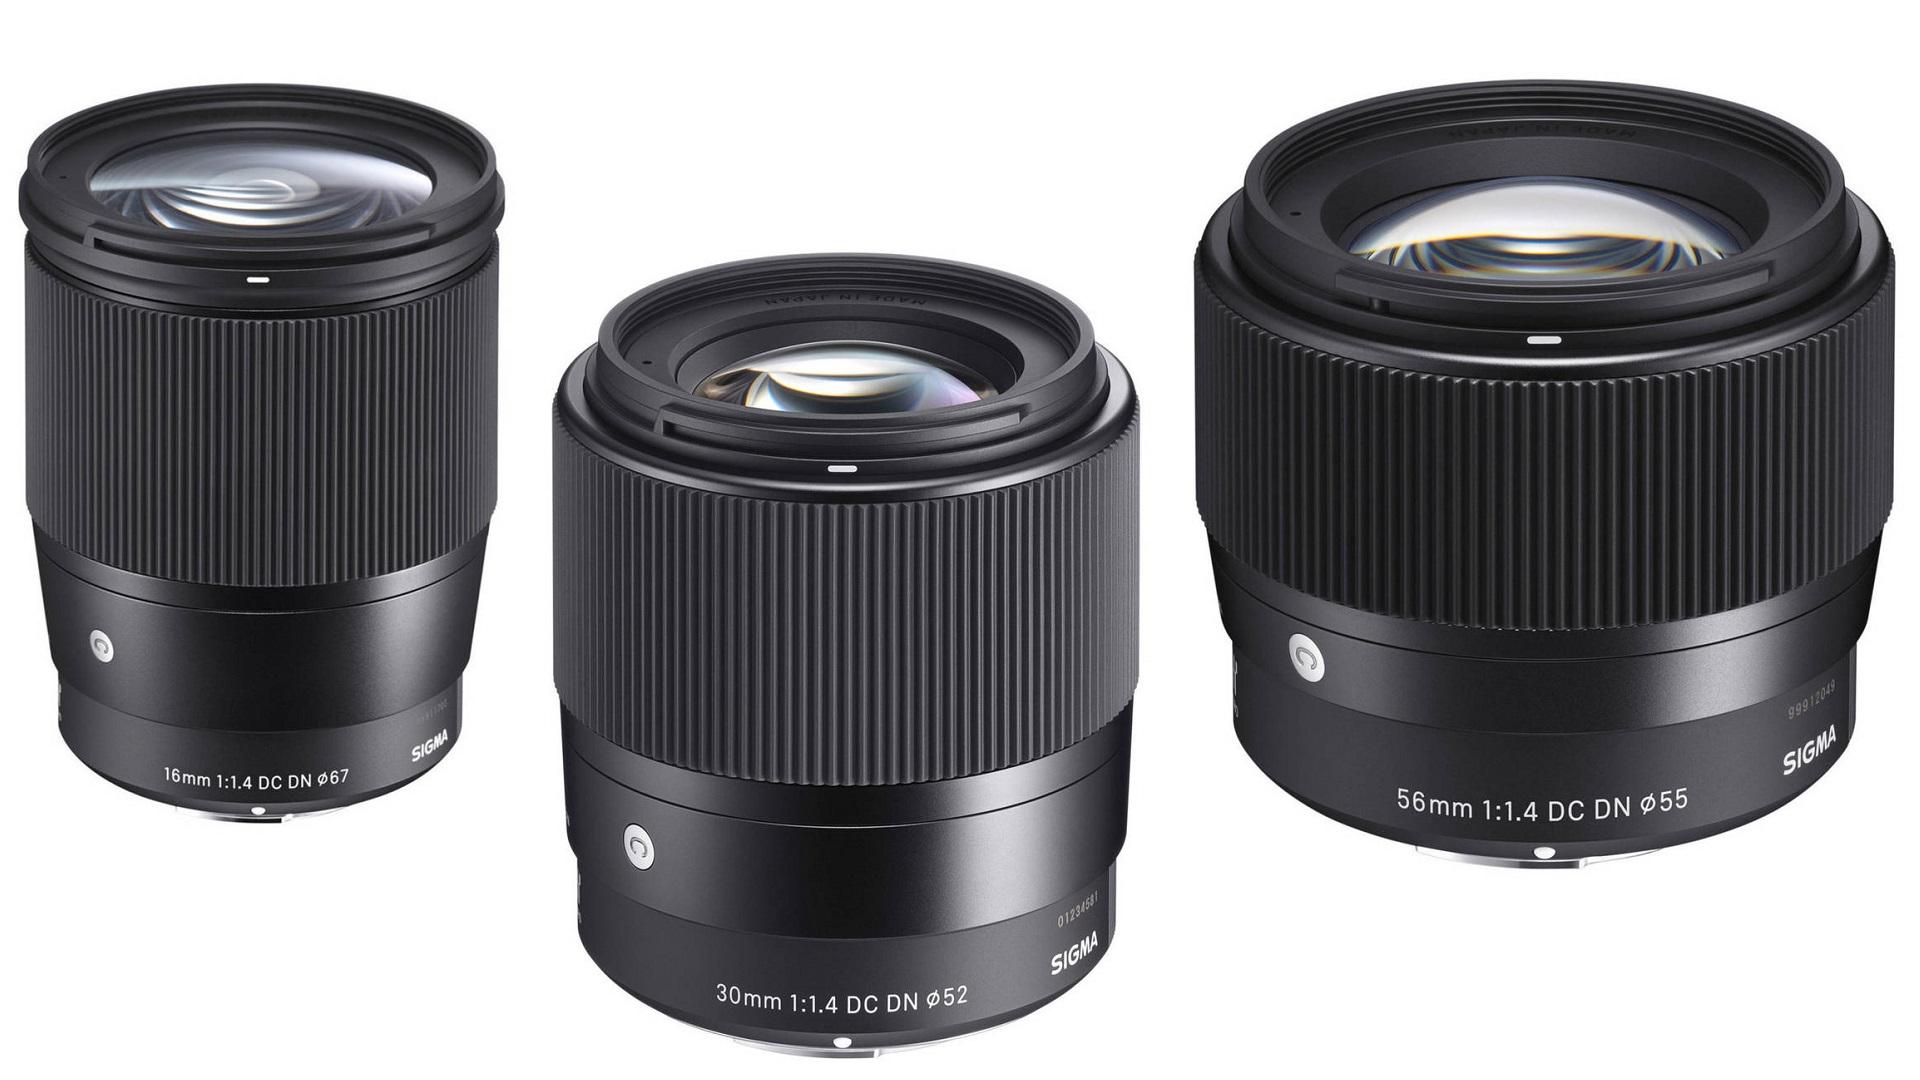 SIGMA 16 mm, 30 mm y 56 mm f/1.4 – pronto disponibles para montura Canon EF-M